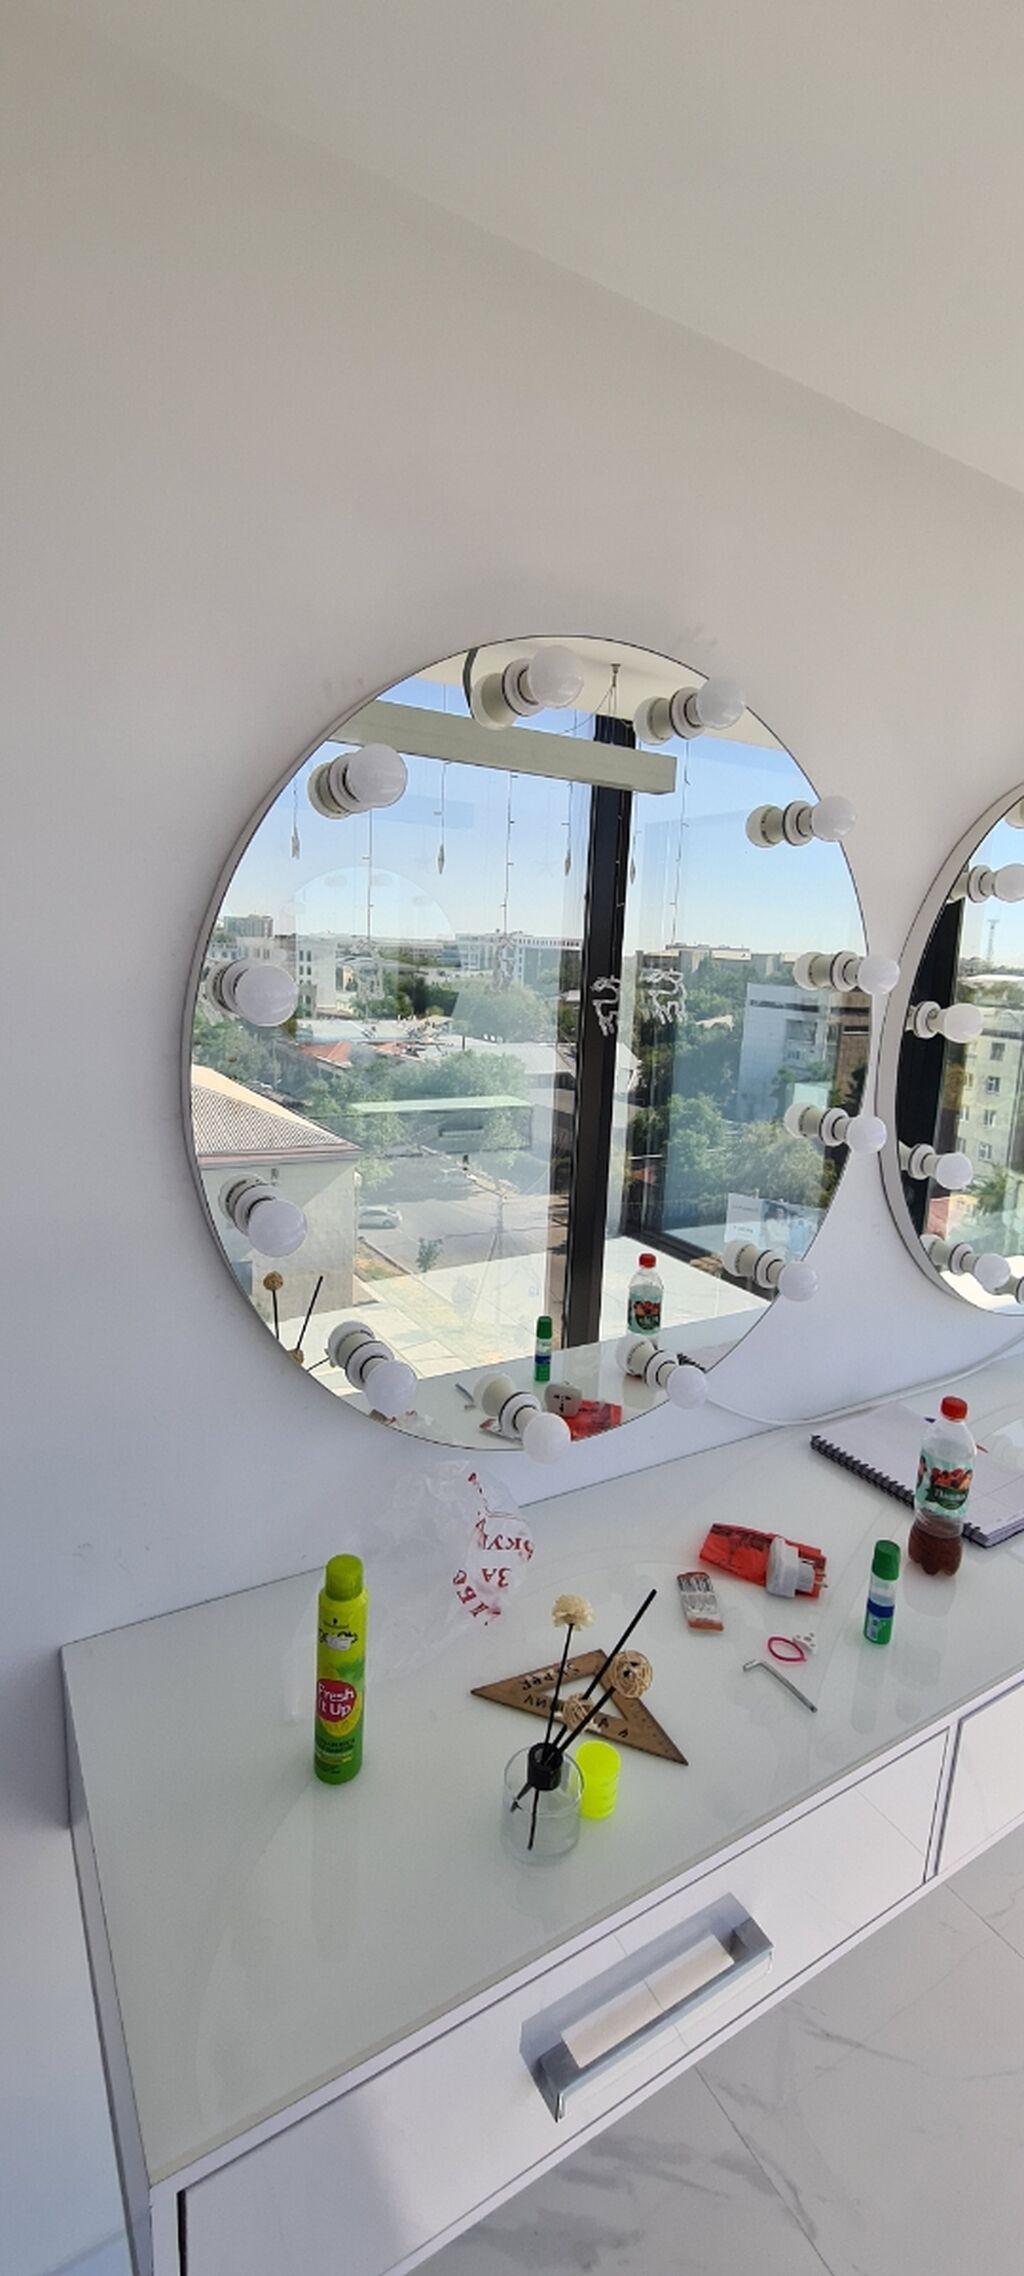 Продаю зеркала для визажистов и для бровистов: Продаю зеркала для визажистов и для бровистов